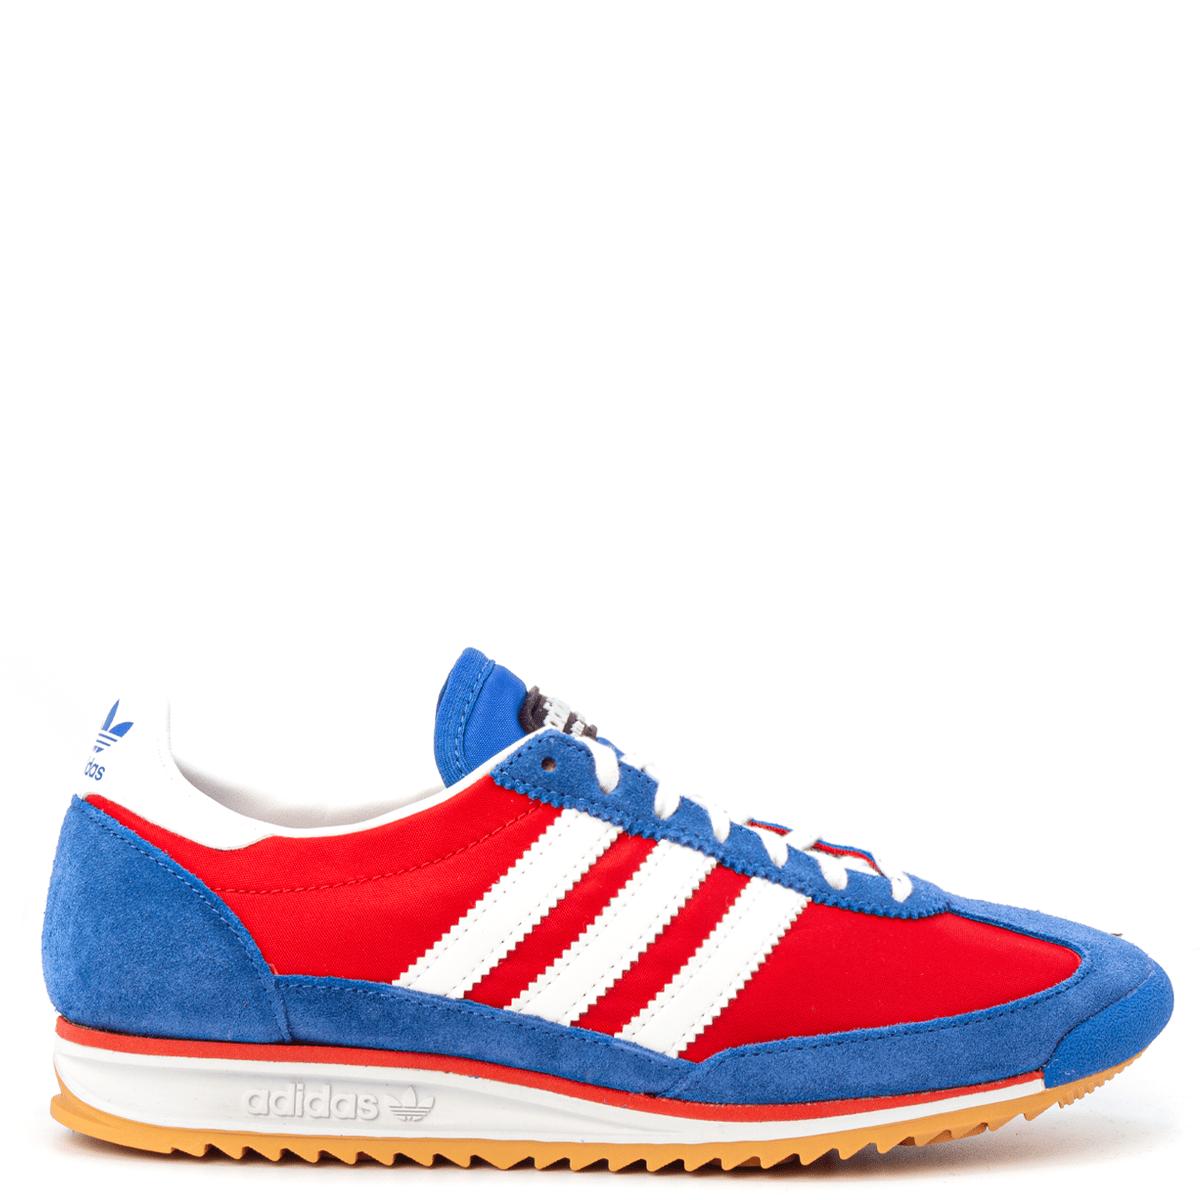 adidas x Lotta Volkova SL 72 Sneakers